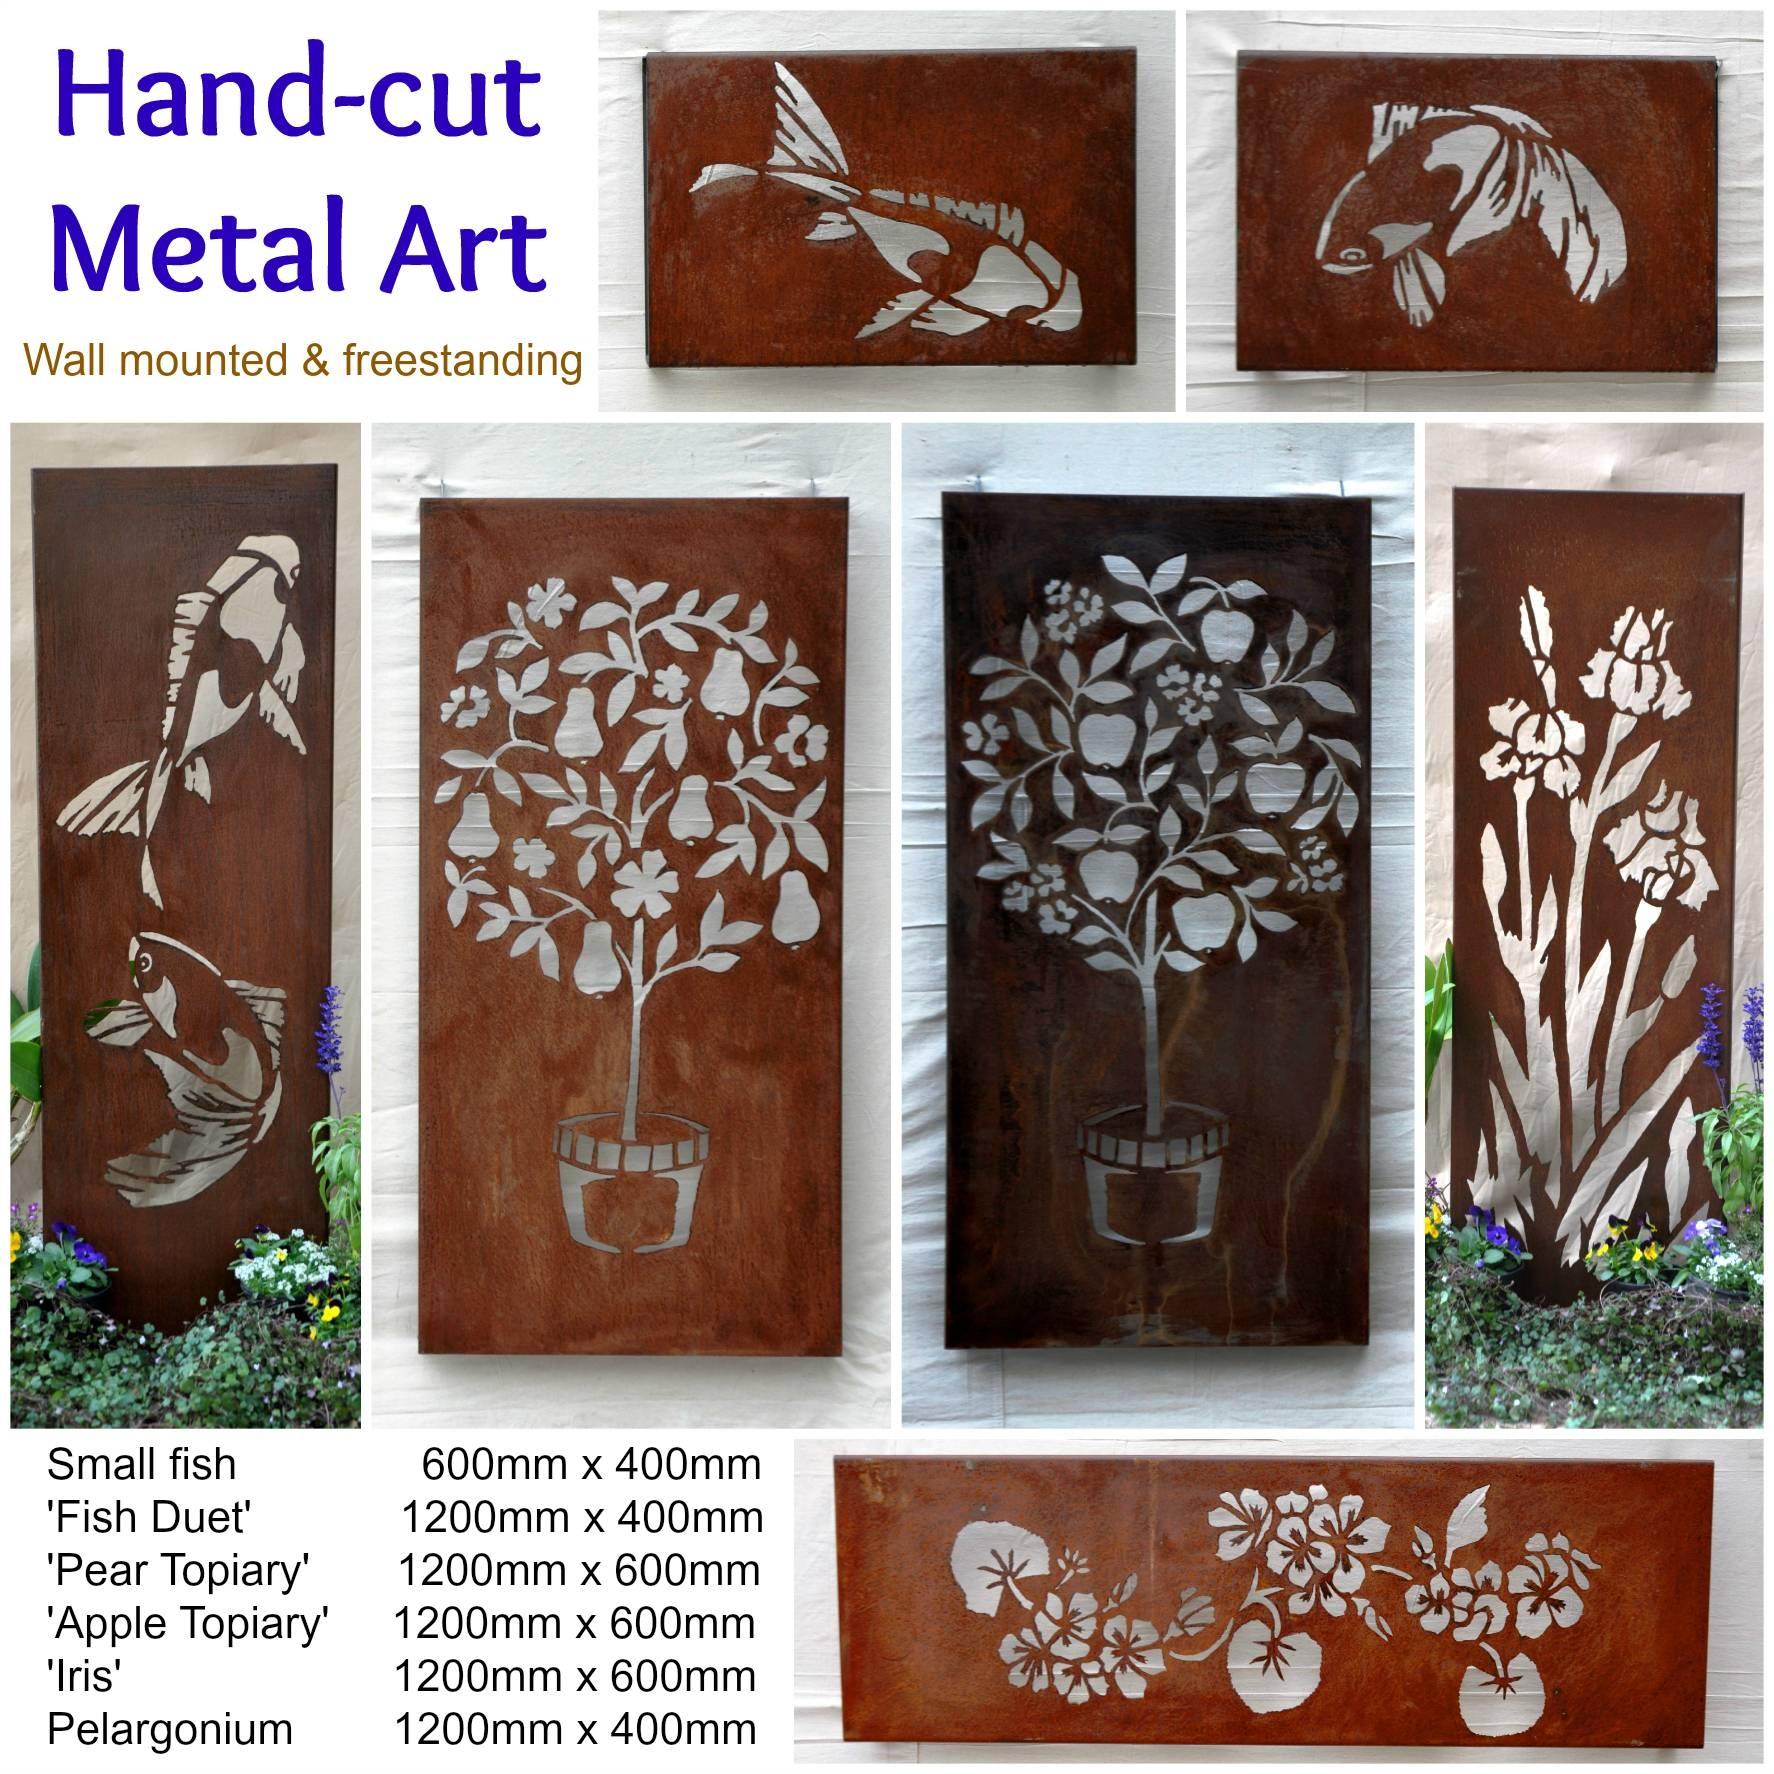 Wall Art Design Ideas: Grey Exterior Metal Garden Wall Art Outdoor Inside Most Recently Released Exterior Metal Wall Art (Gallery 10 of 20)